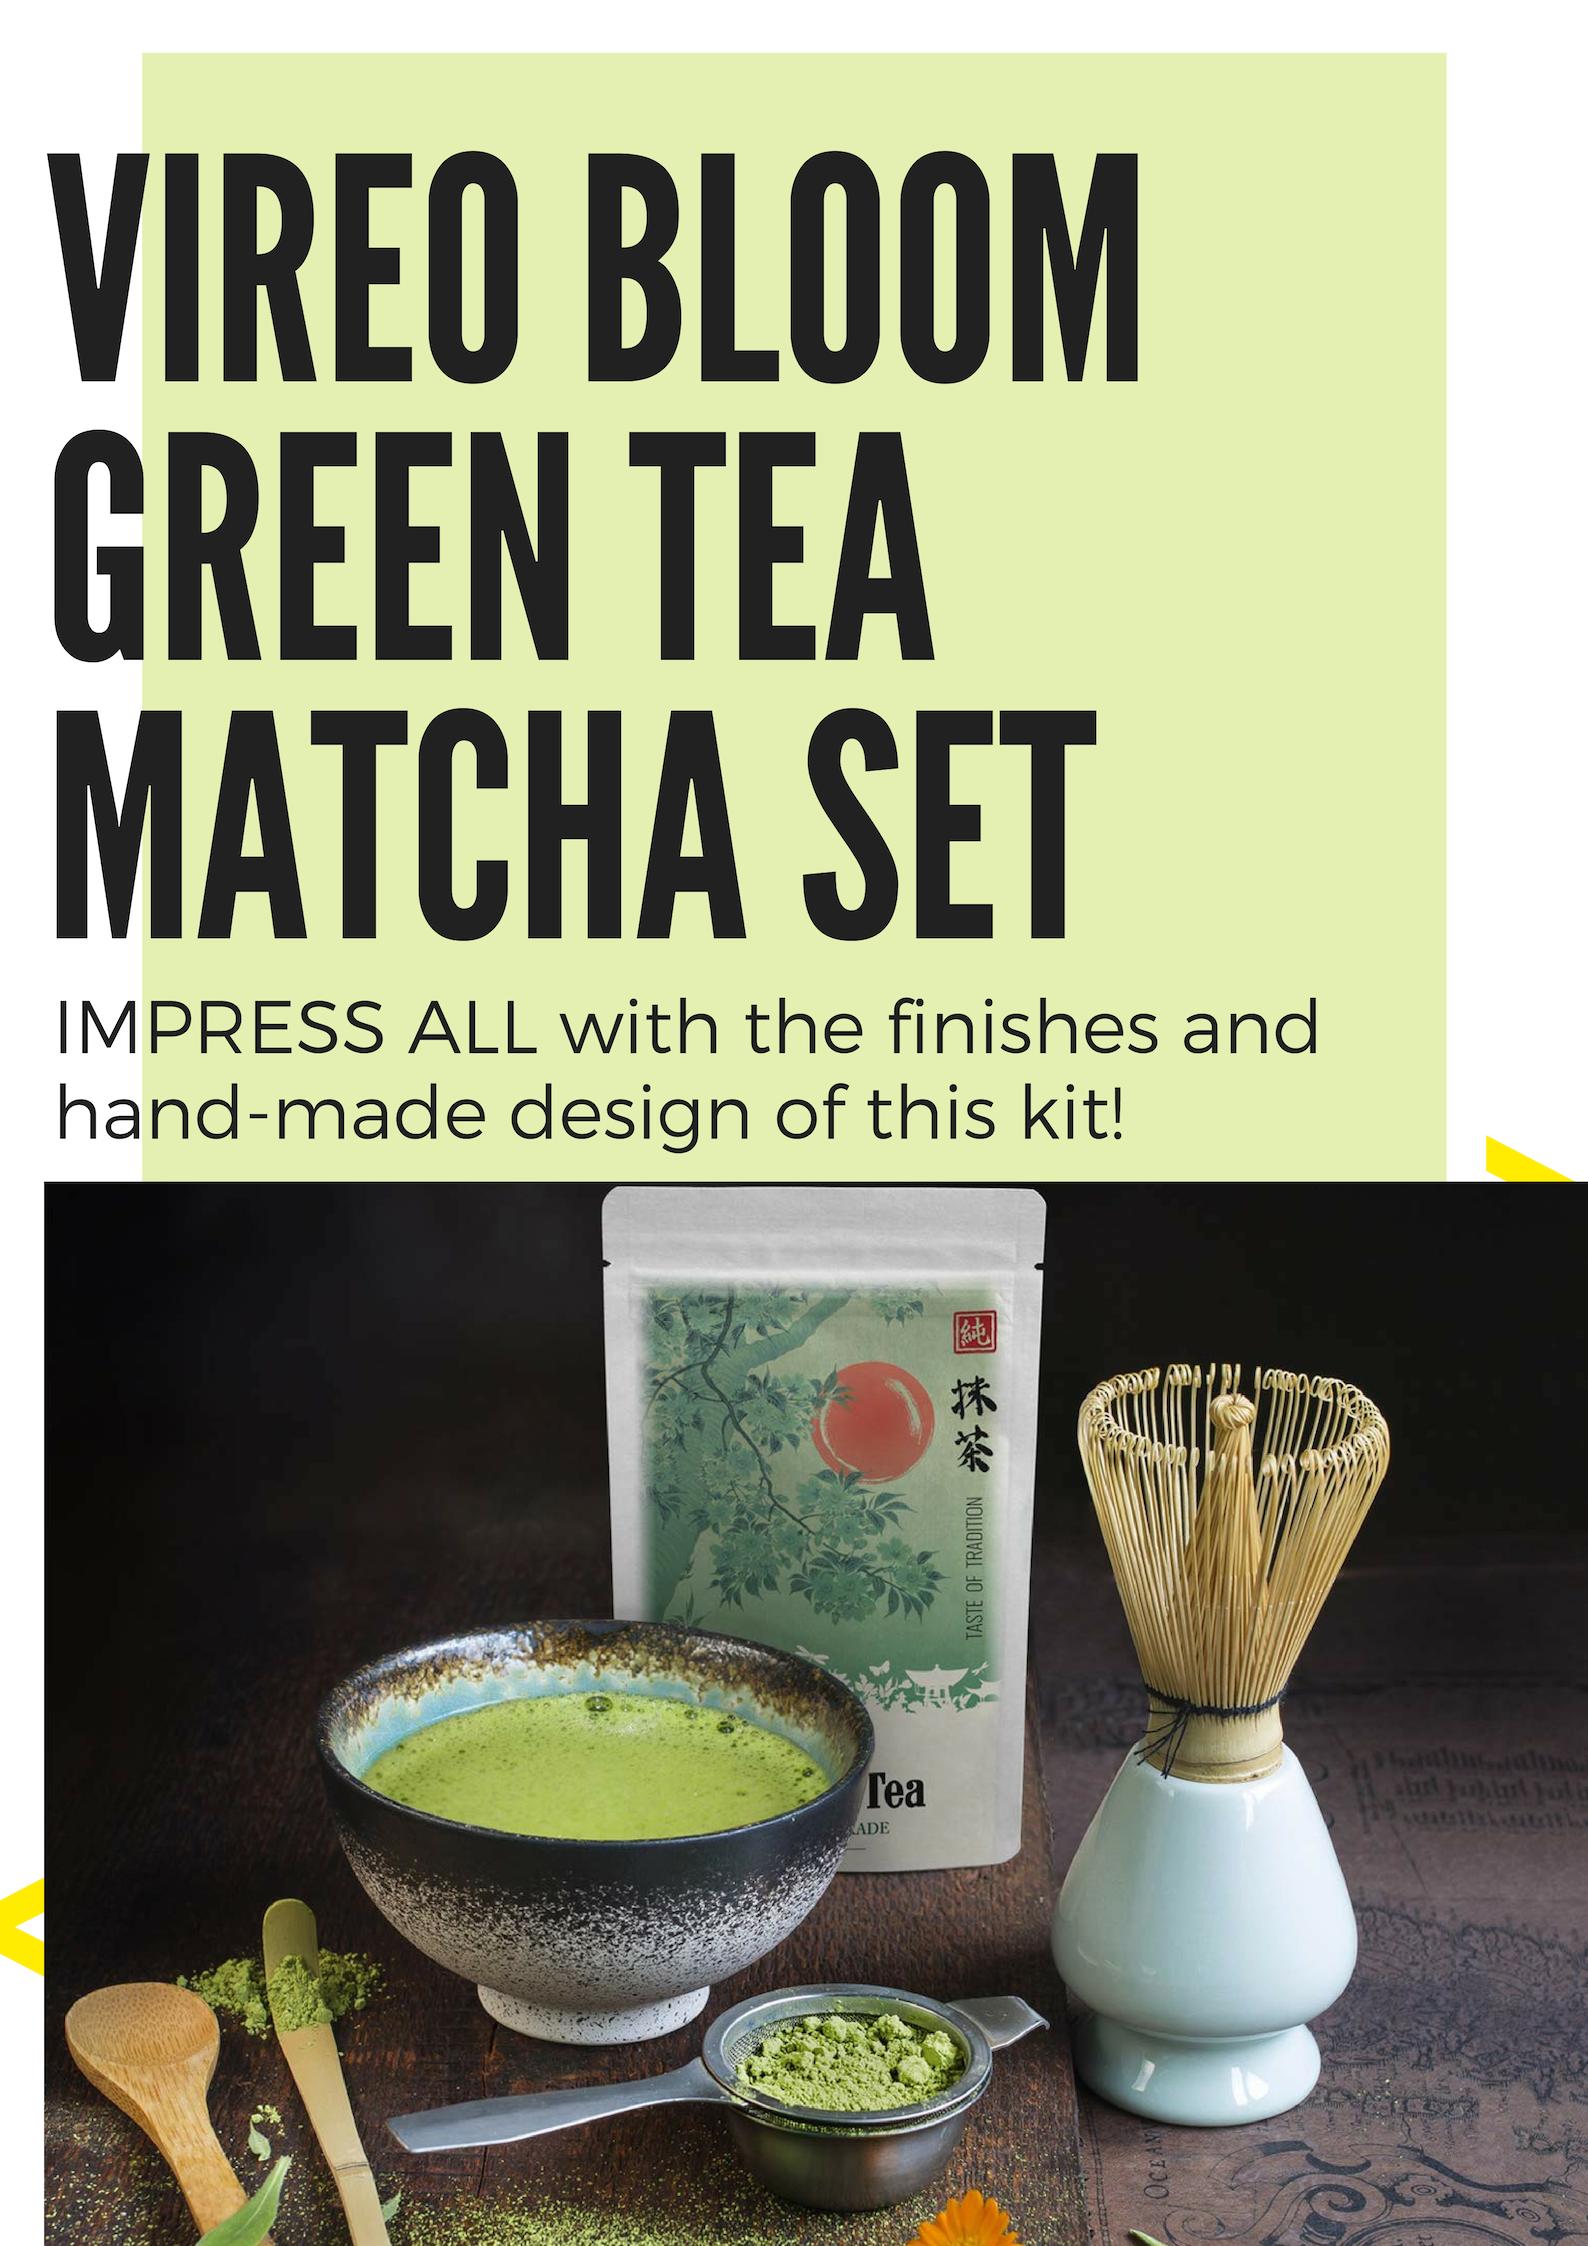 50g Vireo Bloom Prämie Grade Tee Kit Mit Bambusschaufel